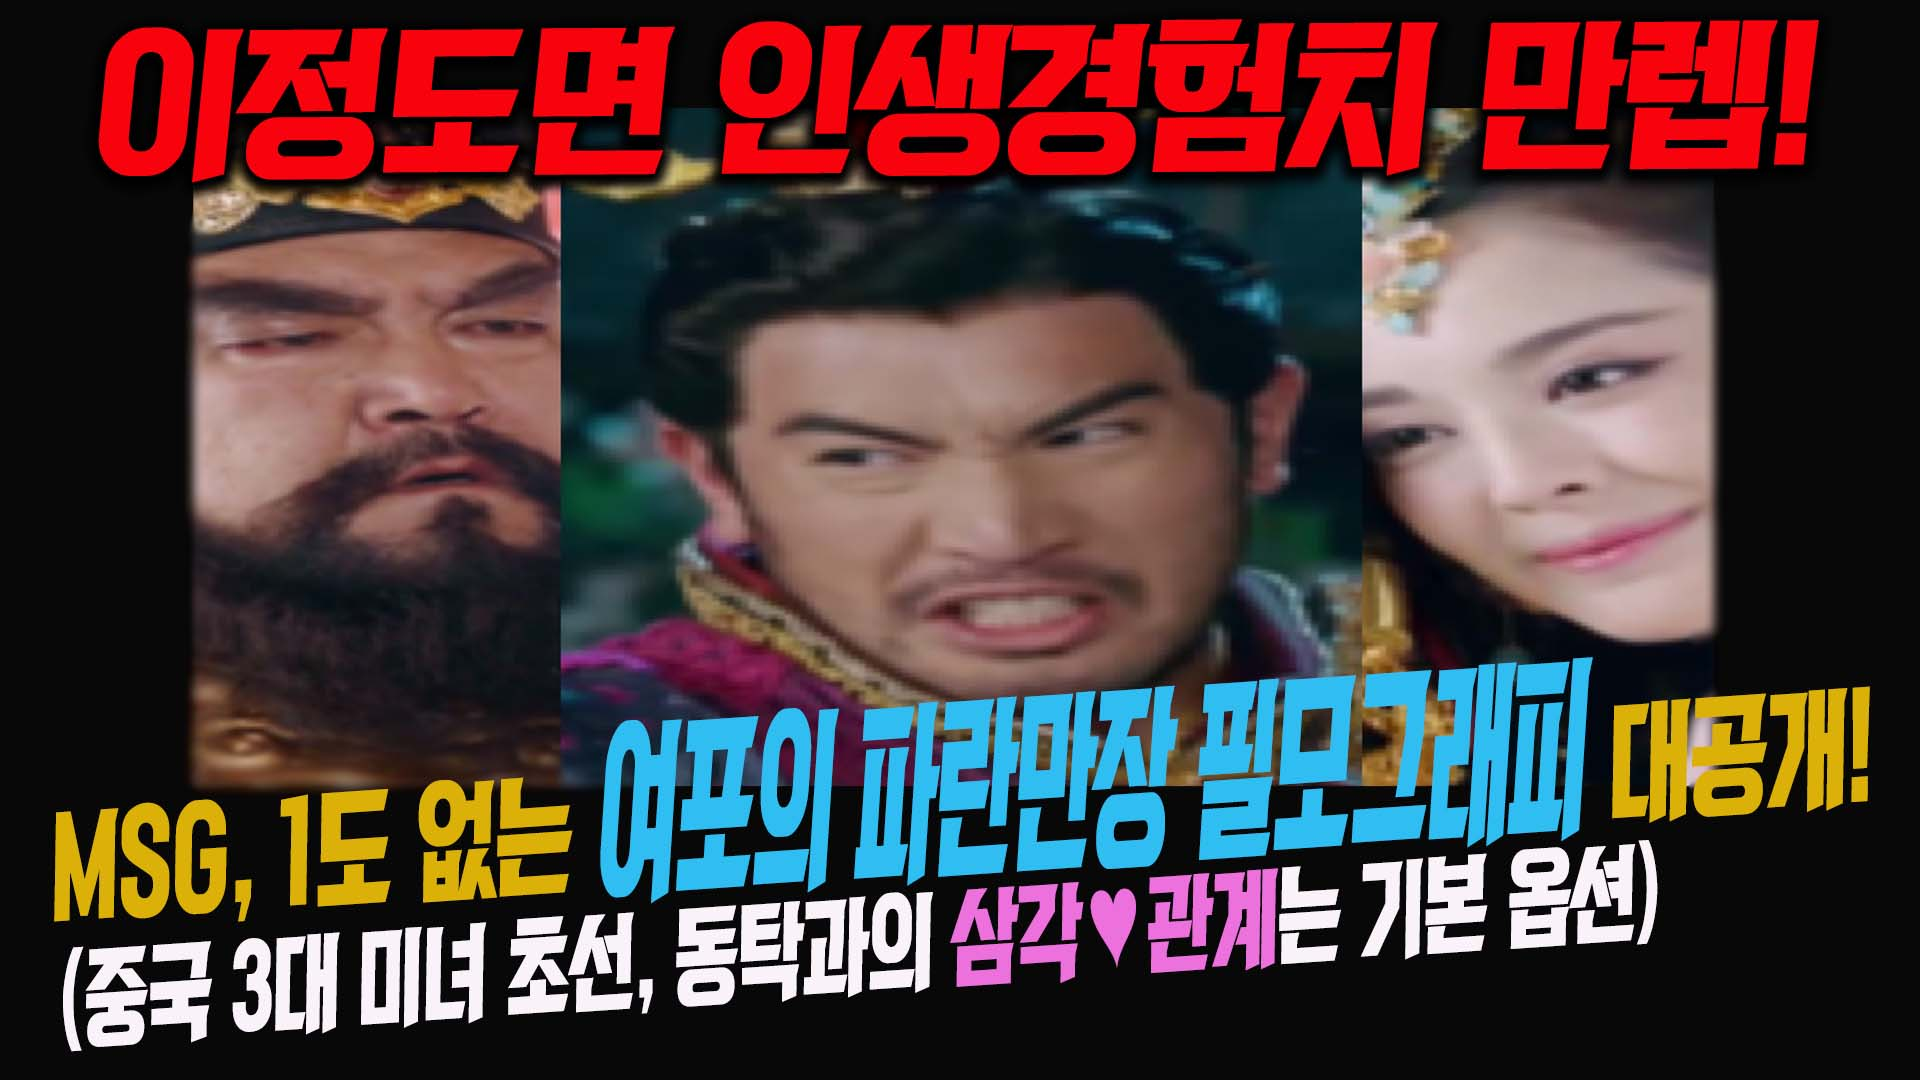 [순삭밀톡]삼국지뒤집기★이정도